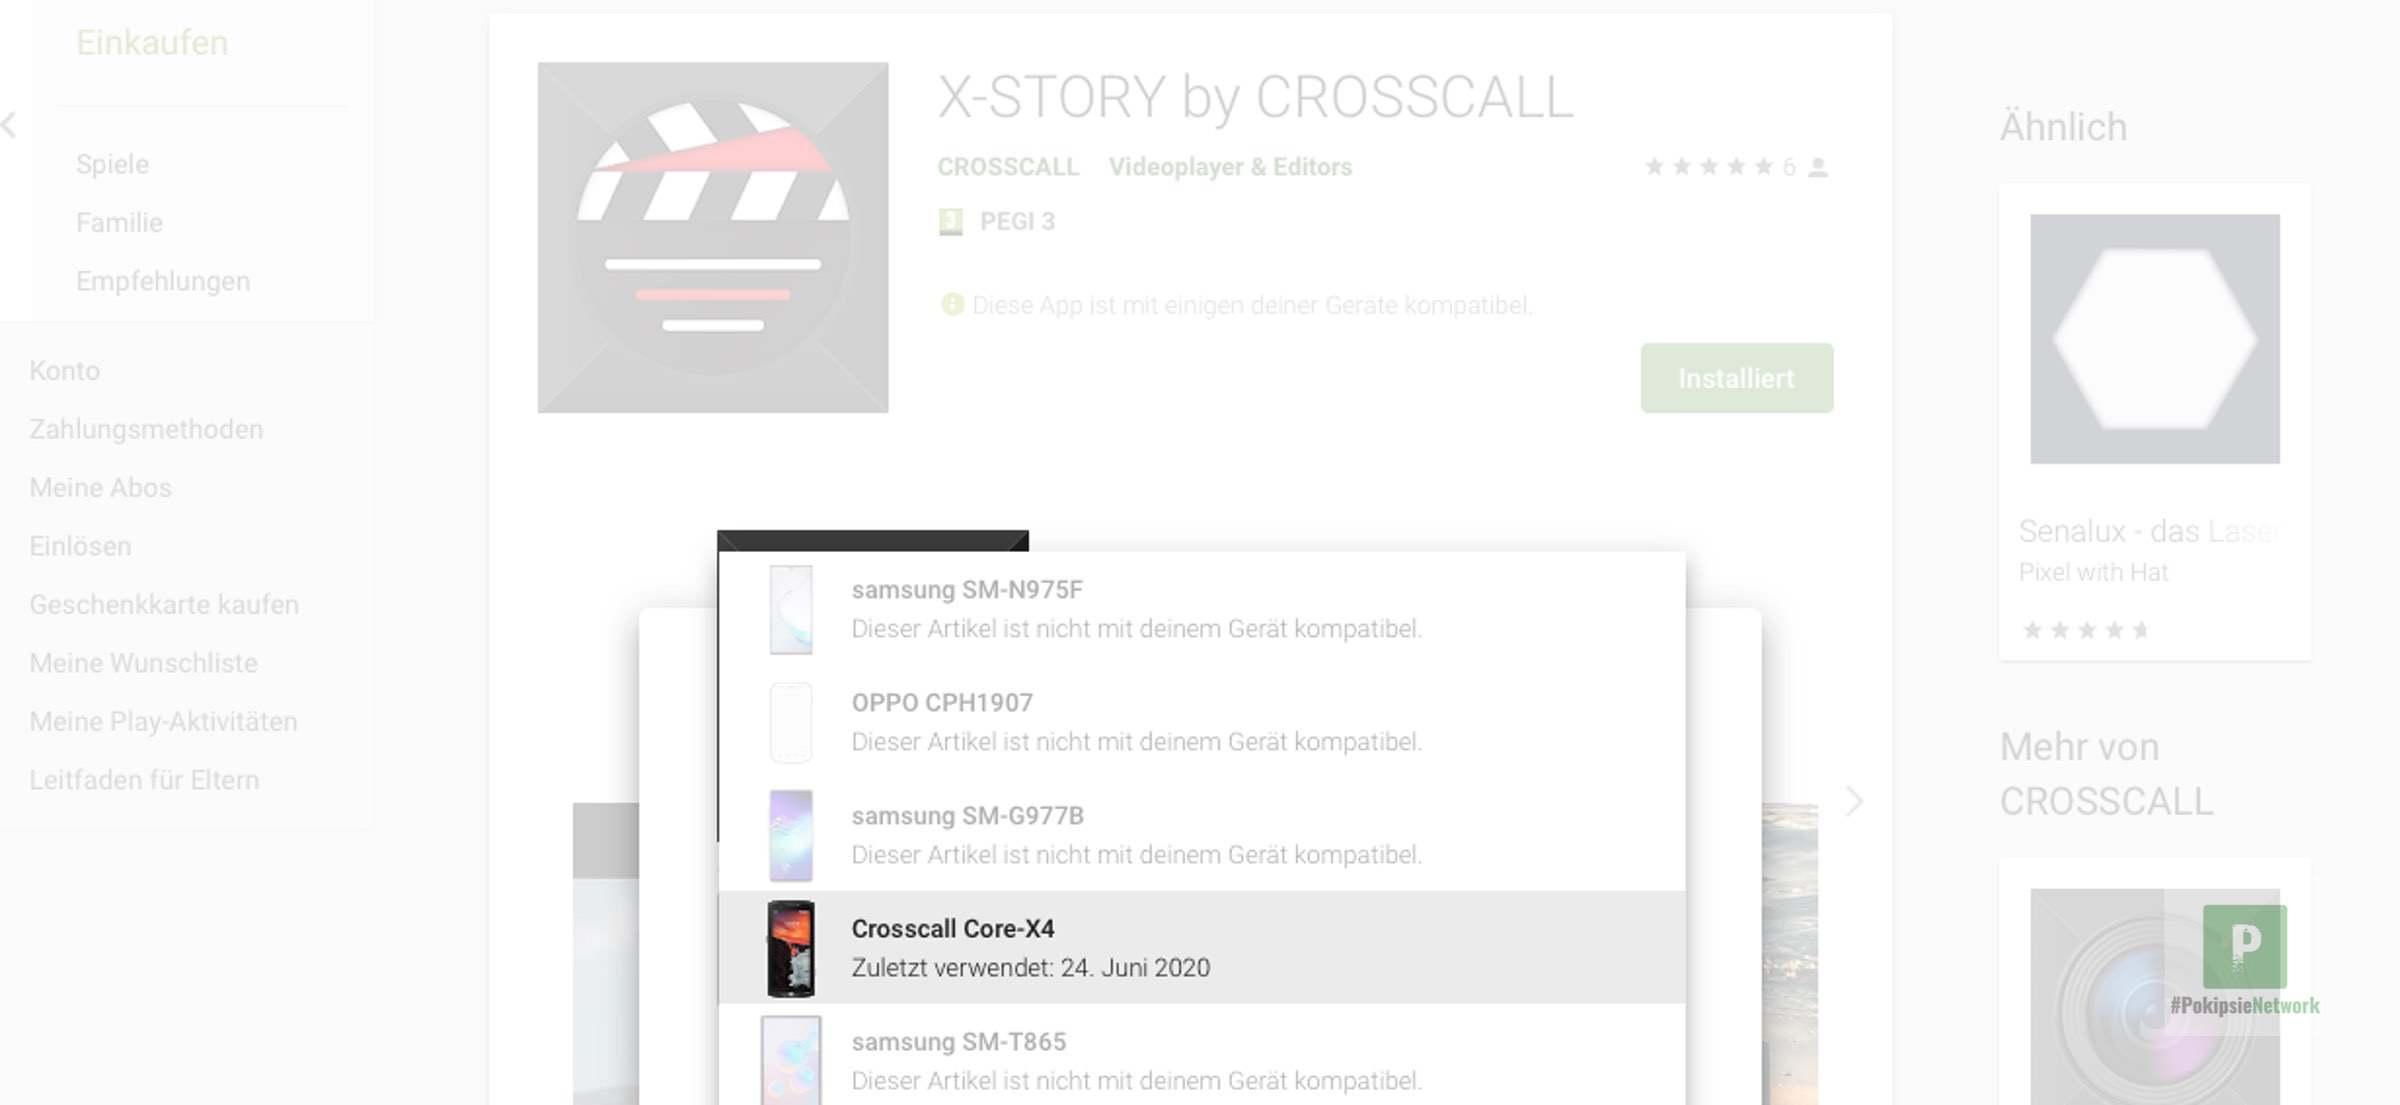 Crosscall bringt eigene Videobearbeitung App